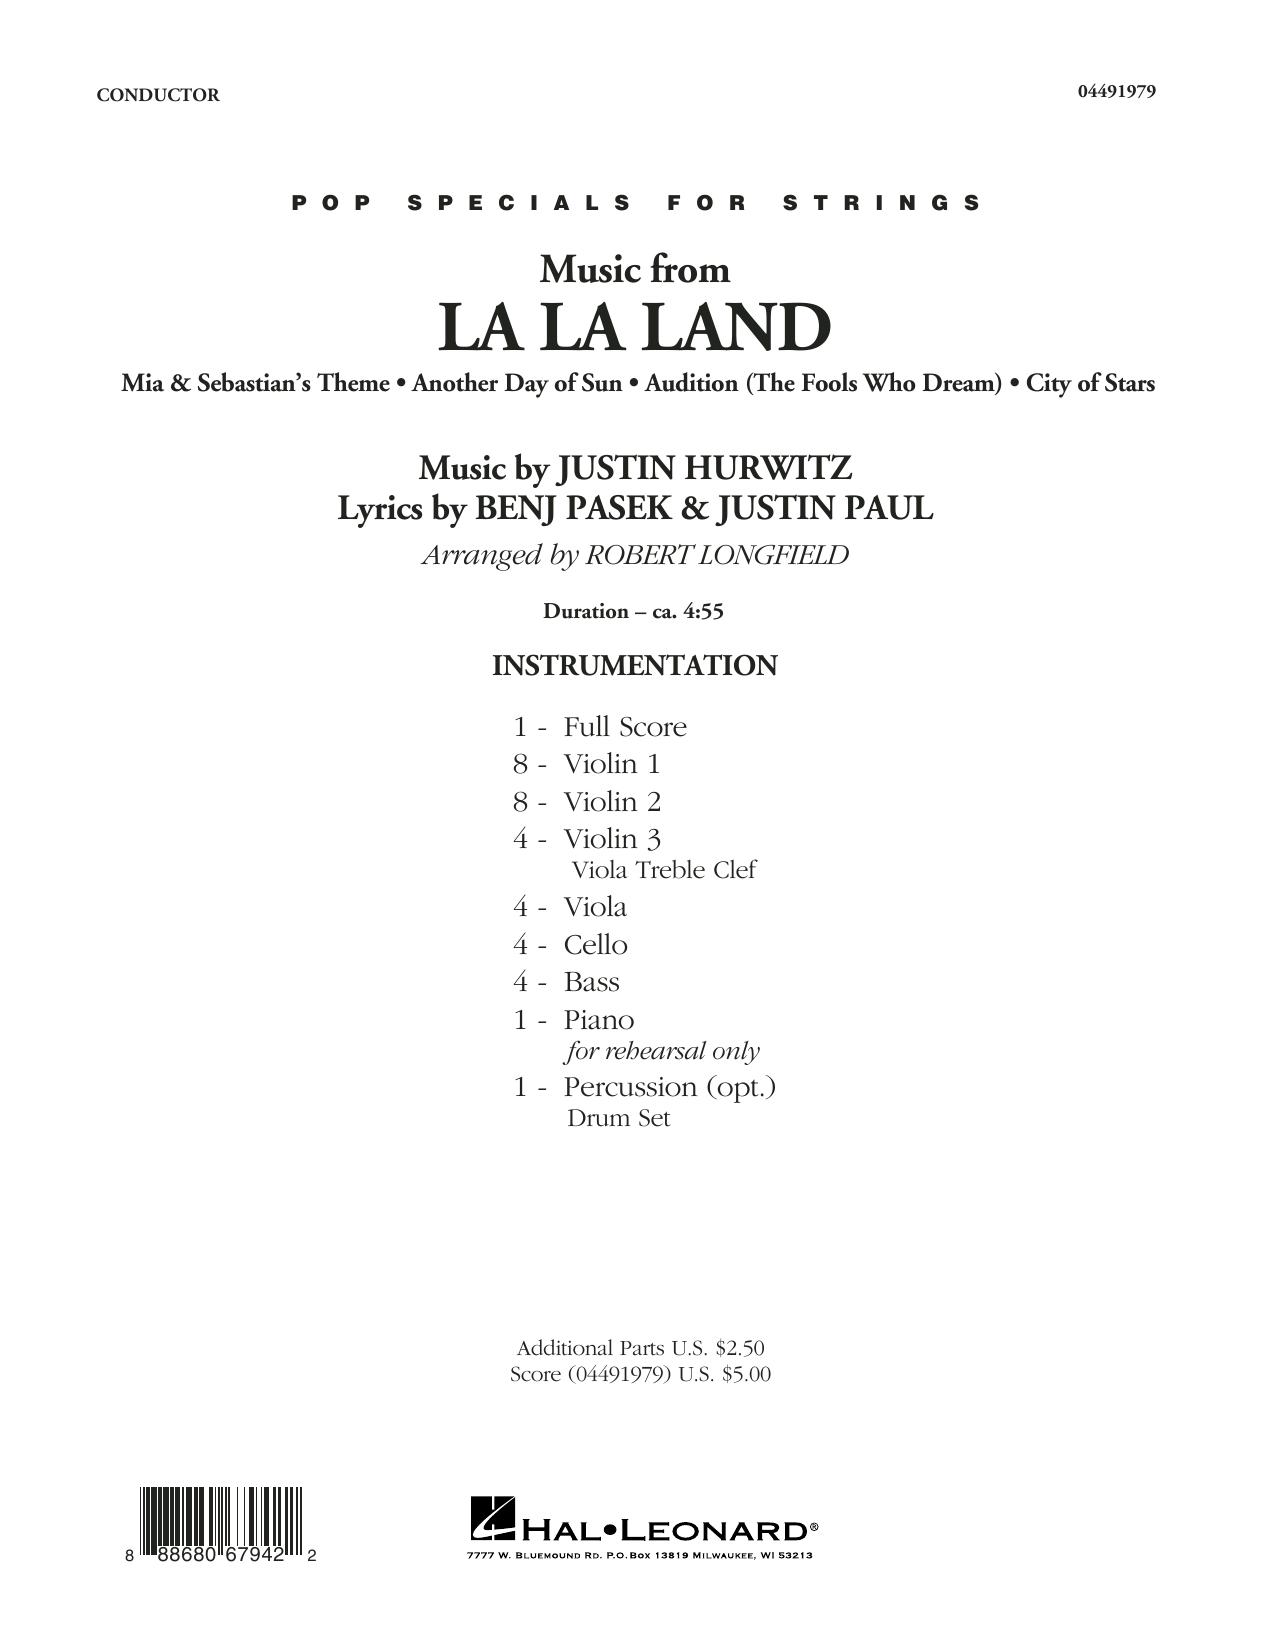 Music from La La Land - Conductor Score (Full Score) Sheet Music